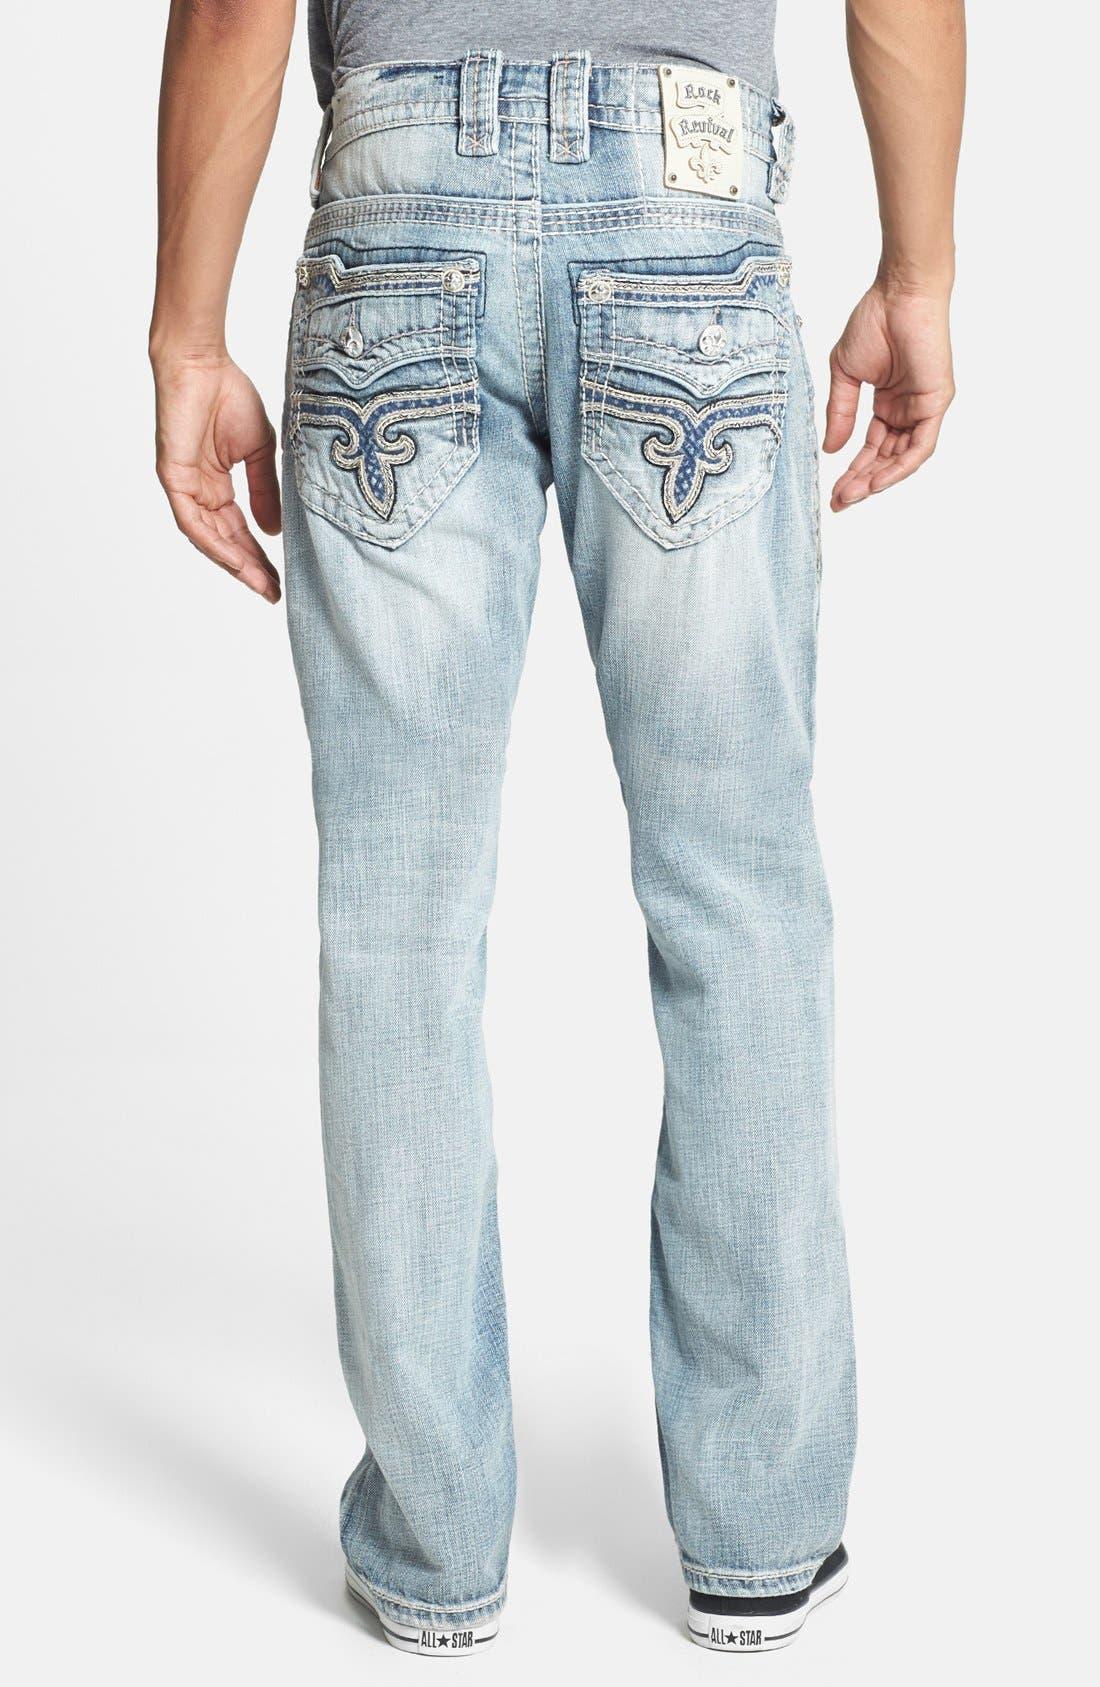 Alternate Image 1 Selected - Rock Revival 'Romeo' Straight Leg Jeans (Light Blue)